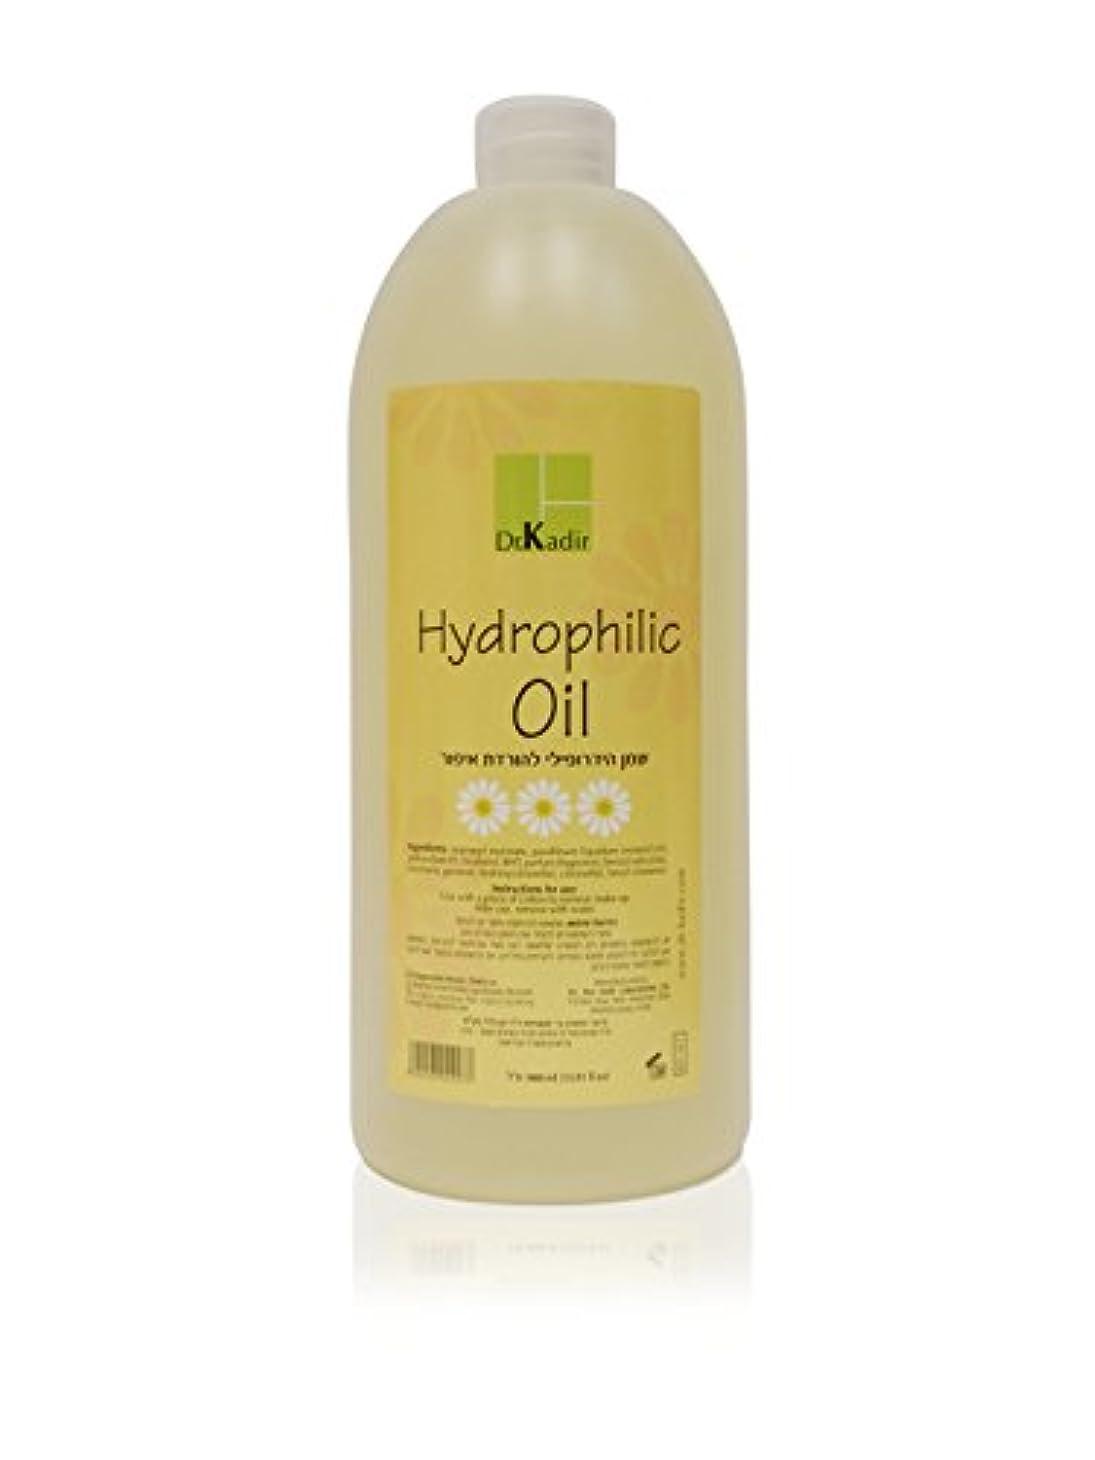 通行人力学白内障Dr. Kadir Hydrophilic Oil 1000ml